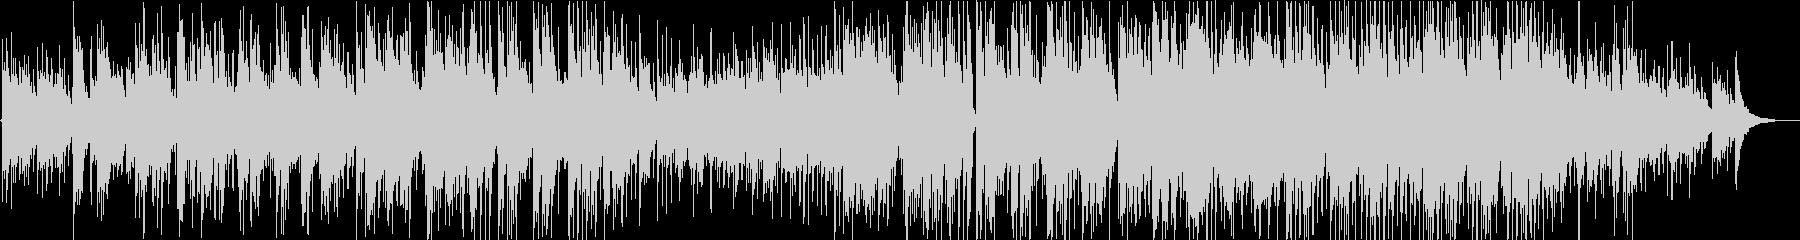 アコギとピアノのバラードの未再生の波形